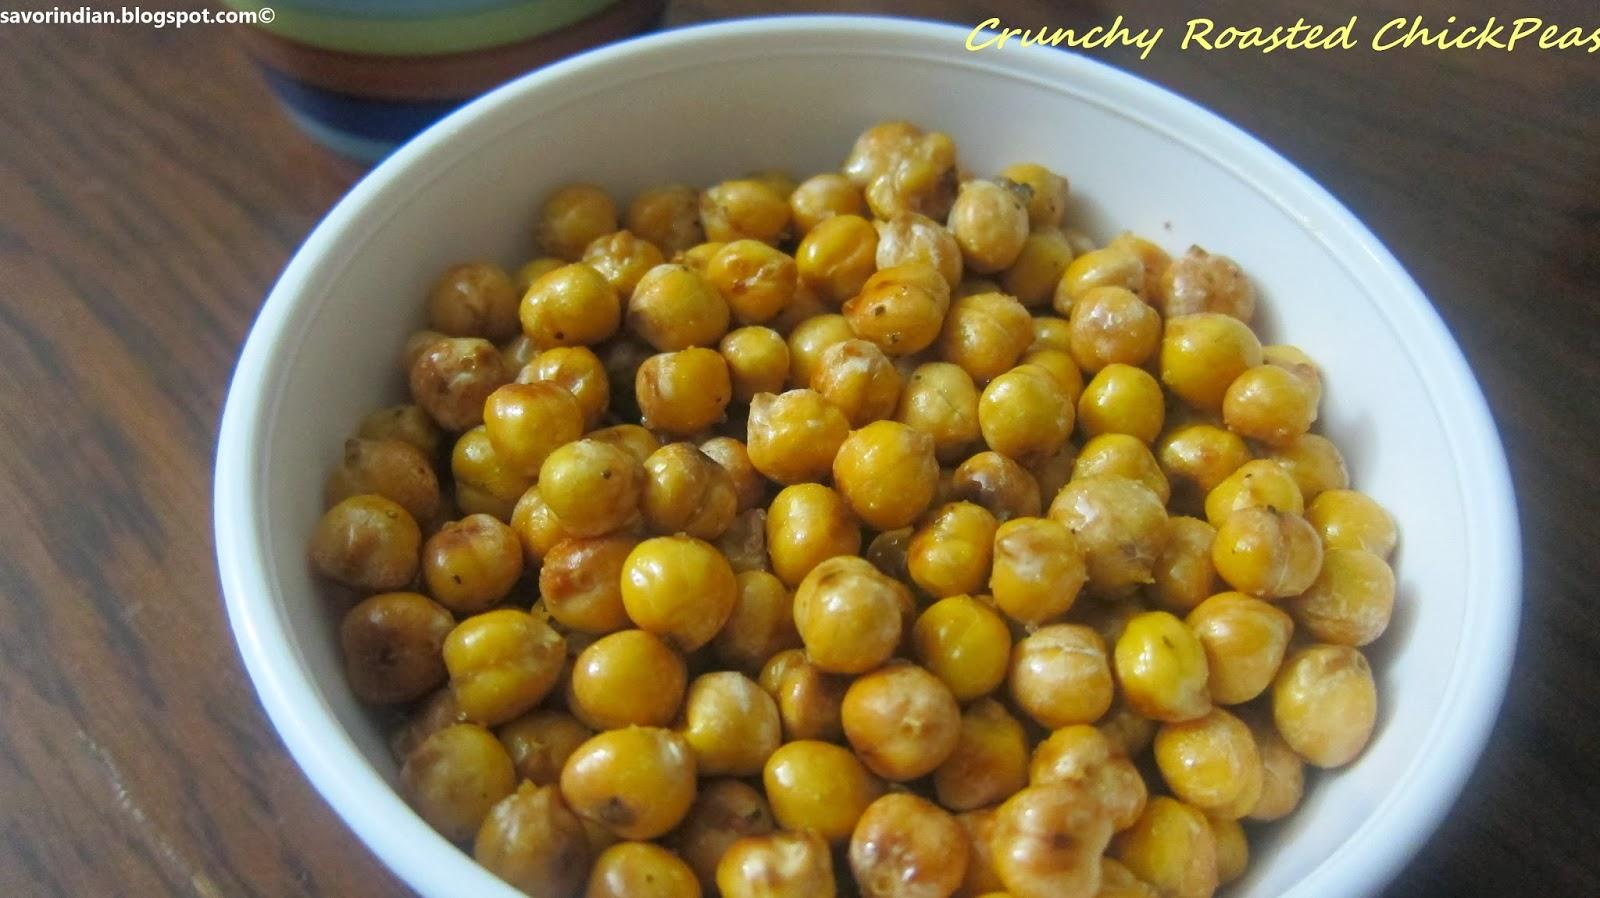 Crunchy Chickpeas/Crispy Roasted ChickPeas